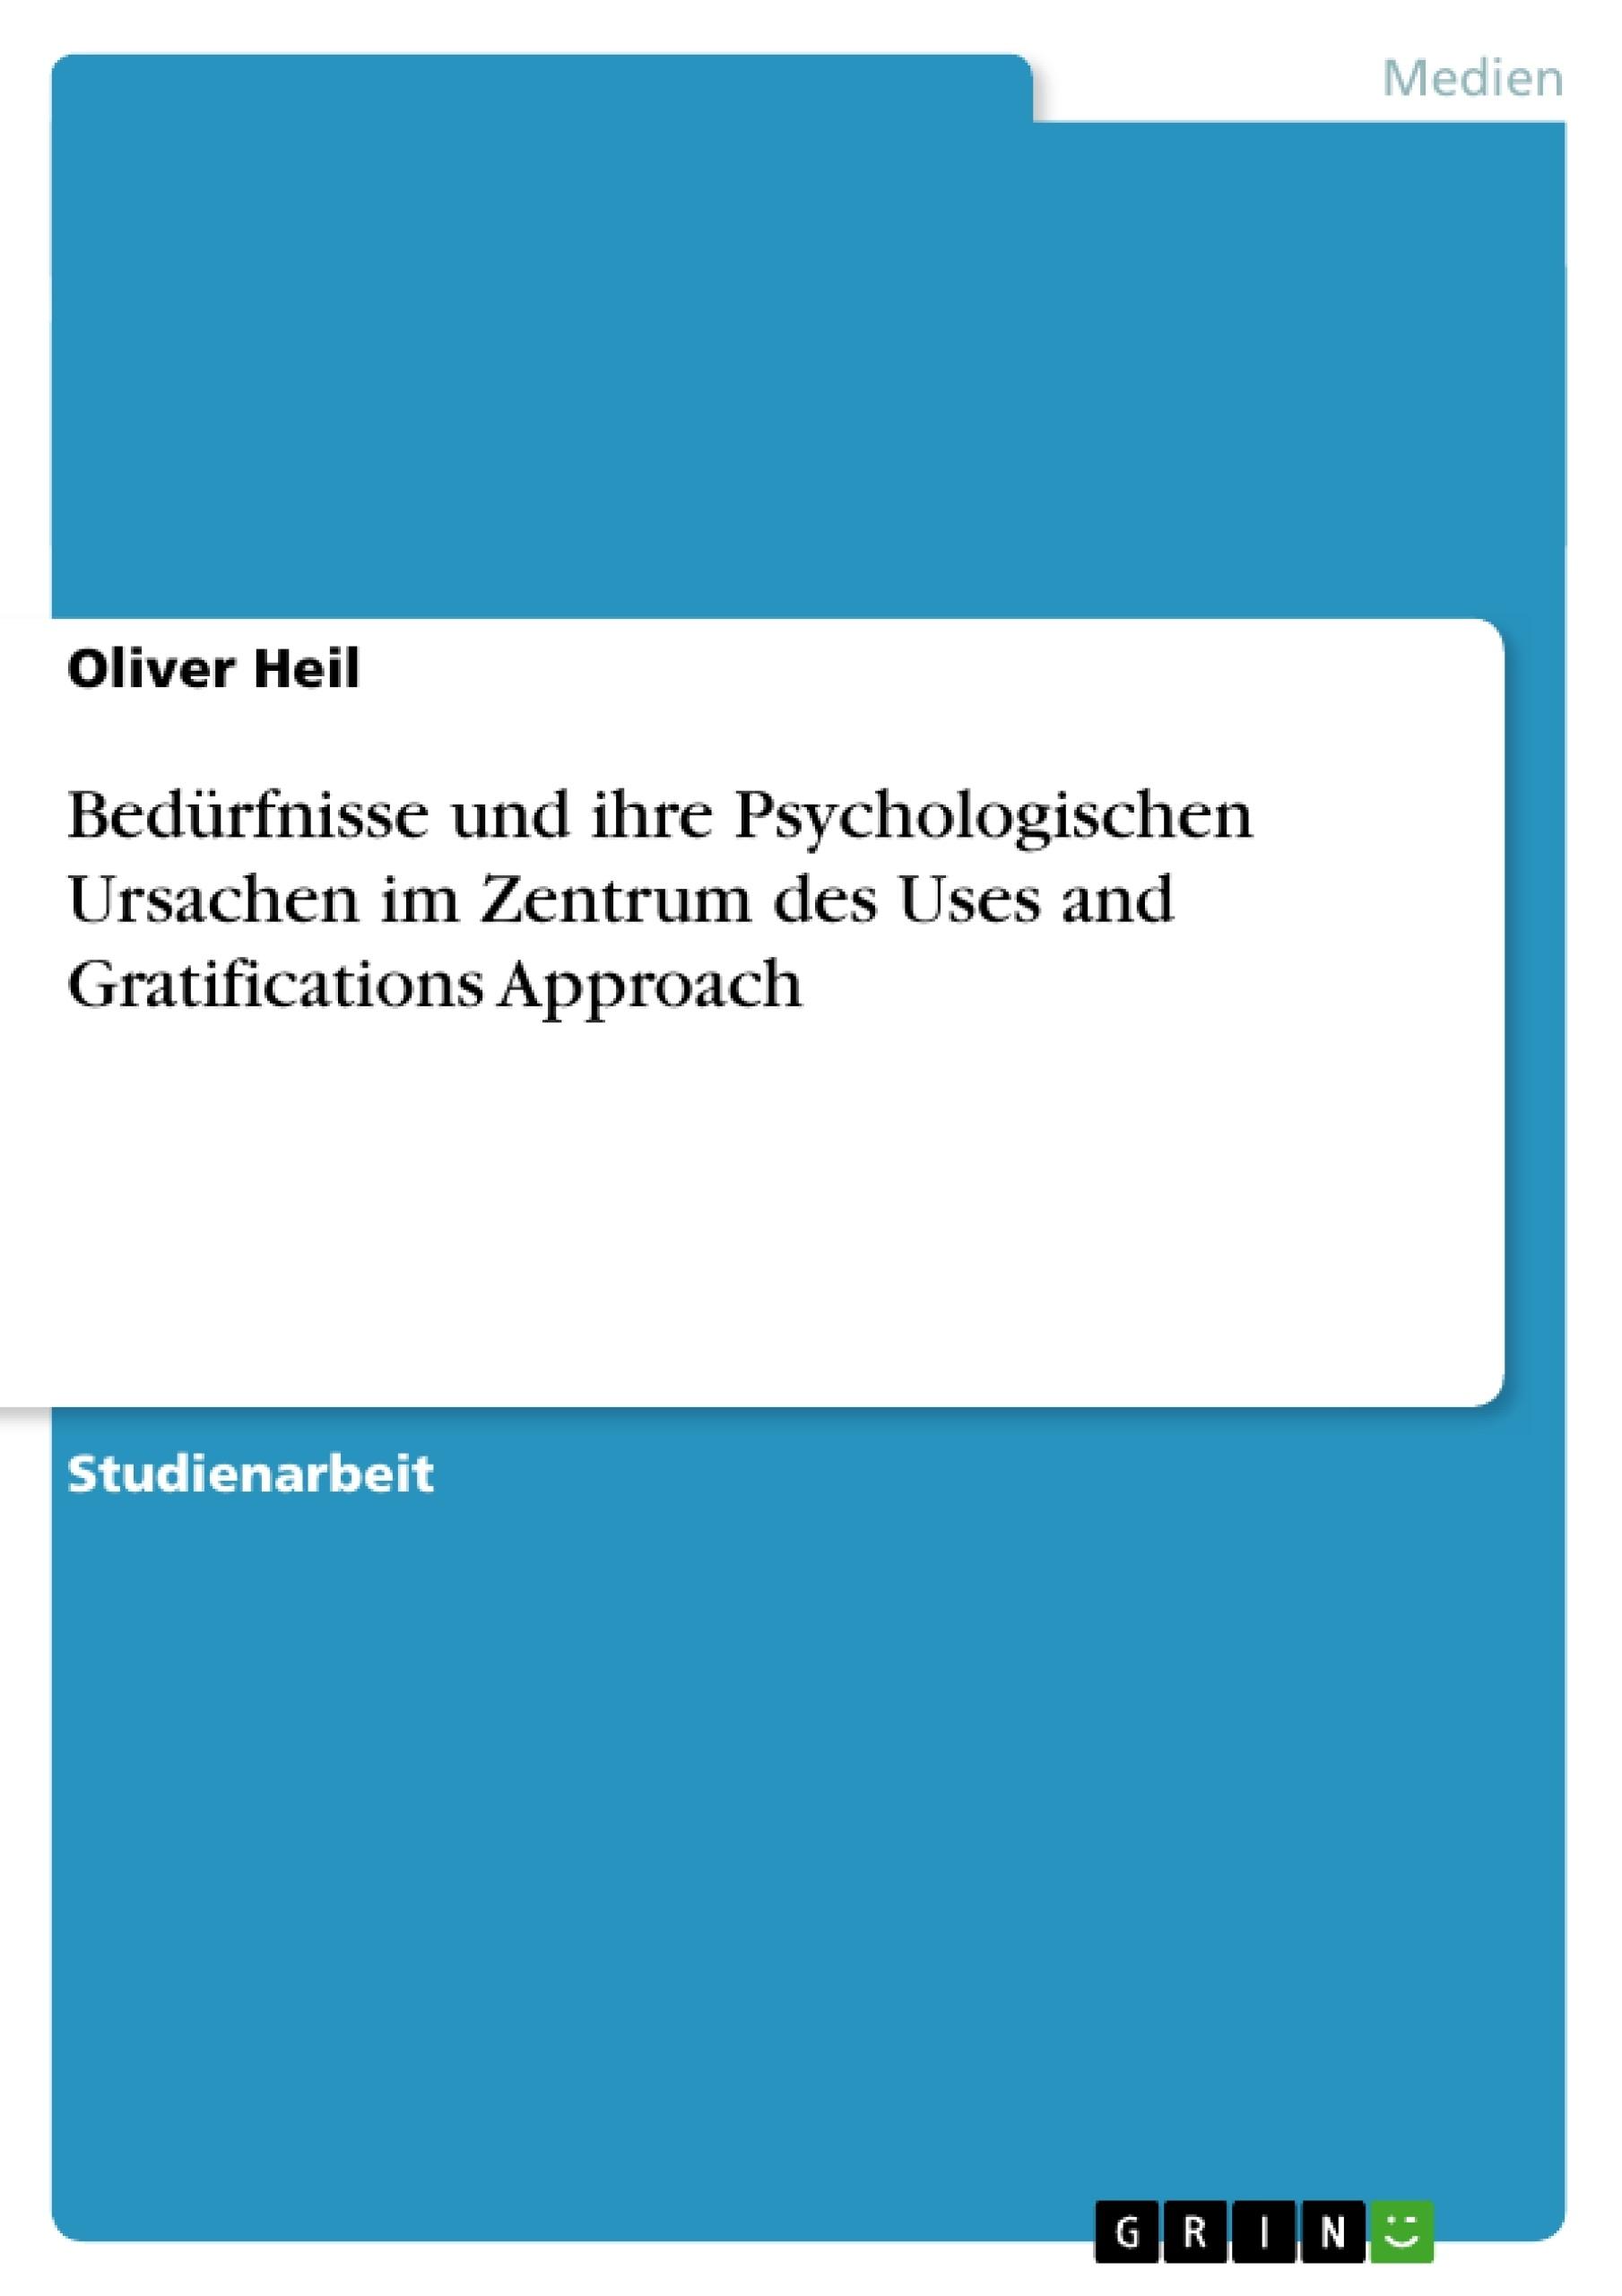 Titel: Bedürfnisse und ihre Psychologischen Ursachen im Zentrum des Uses and Gratifications Approach